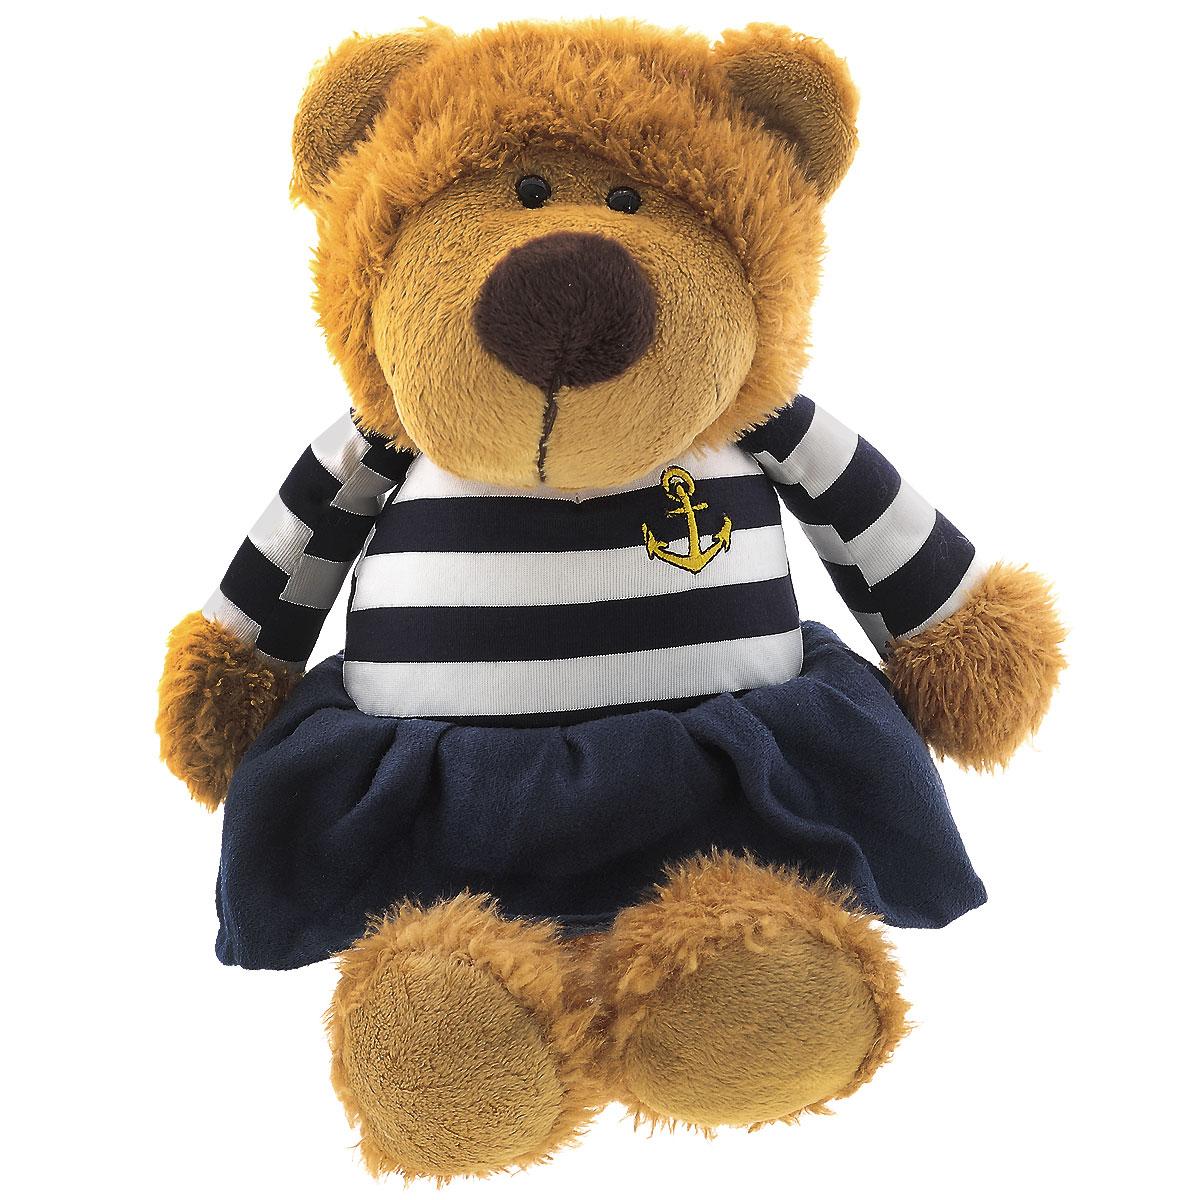 Мягкая игрушка Sonata Style Медведь морячка, 22 смMA5242,22A.BМягкая игрушка Sonata Style Медведь морячка привлечет внимание любого ребенка. Игрушка изготовлена из высококачественных текстильных материалов. Представлена игрушка в виде медвежонка, одетого в платье морского стиля. Глазки выполнены из пластика. С такой забавной игрушкой можно смело засыпать в кроватке или отправляться на прогулку. Порадуйте своего ребенка таким подарком.